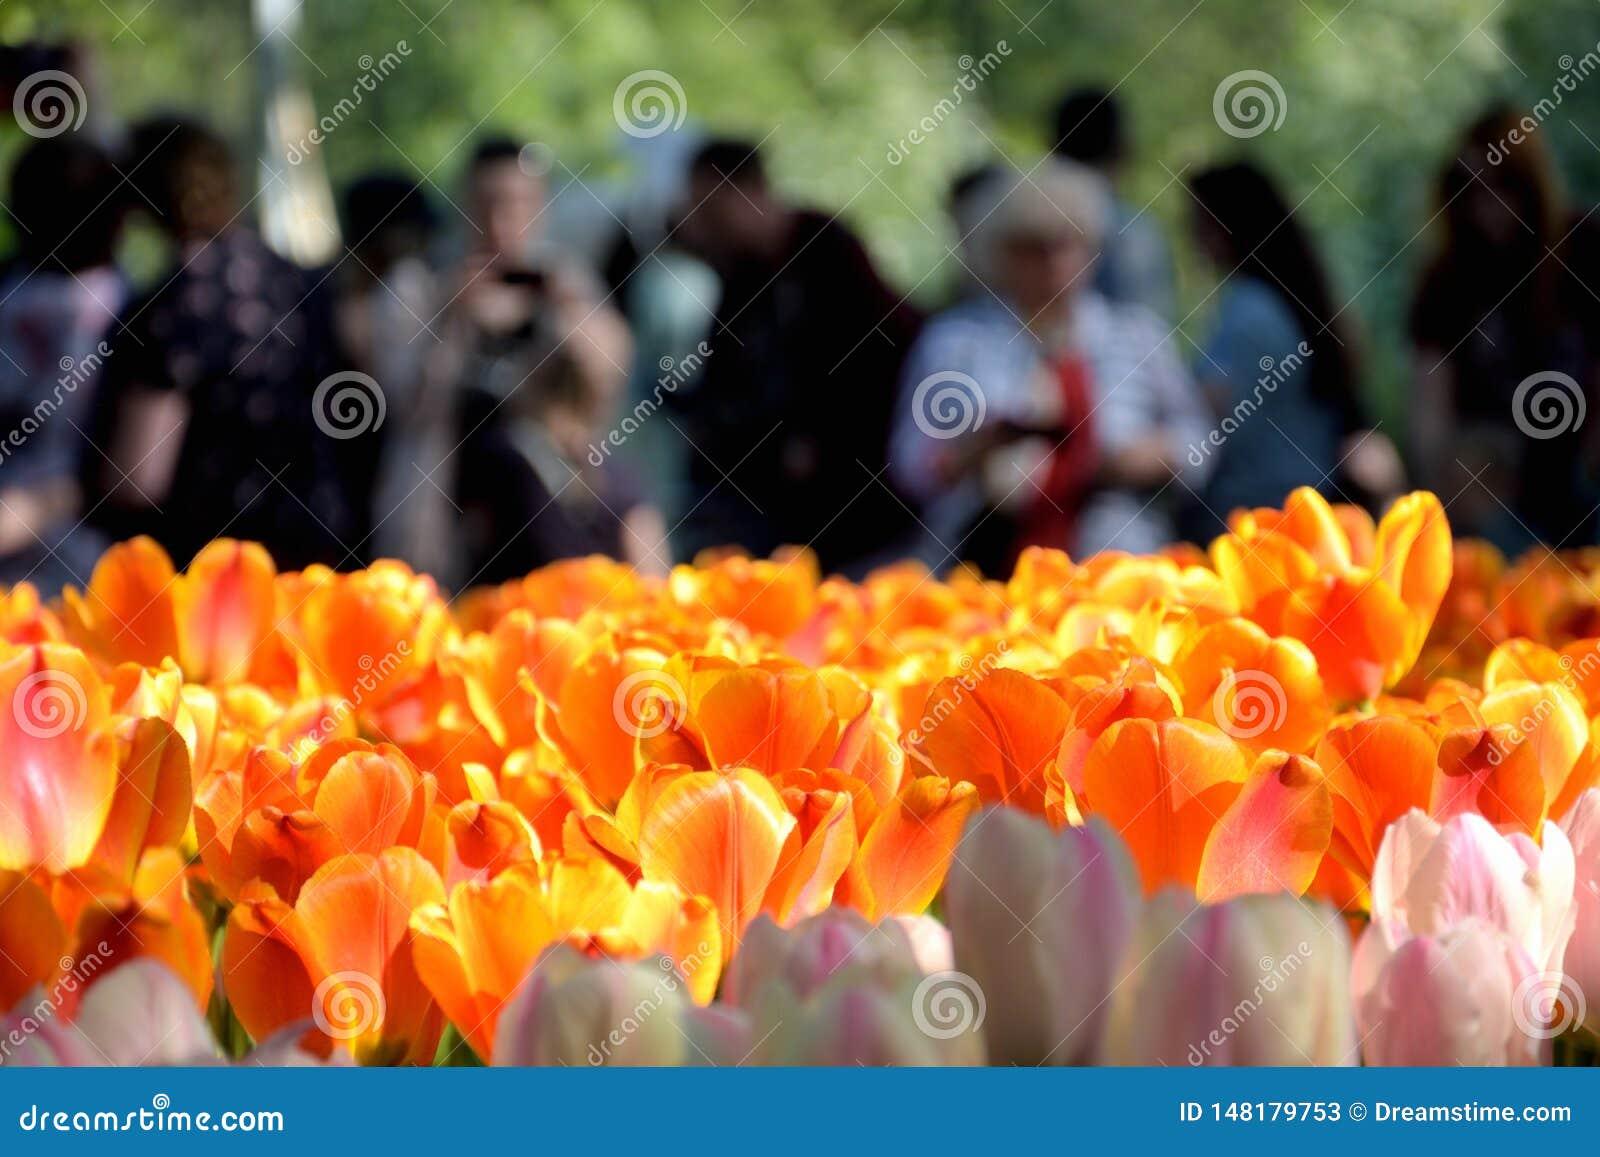 Zbli?enie gazon z jaskrawym ?wiat?em i czerwieni? - r??owi tulipany, ludzie i ogl?da one od i strzela za